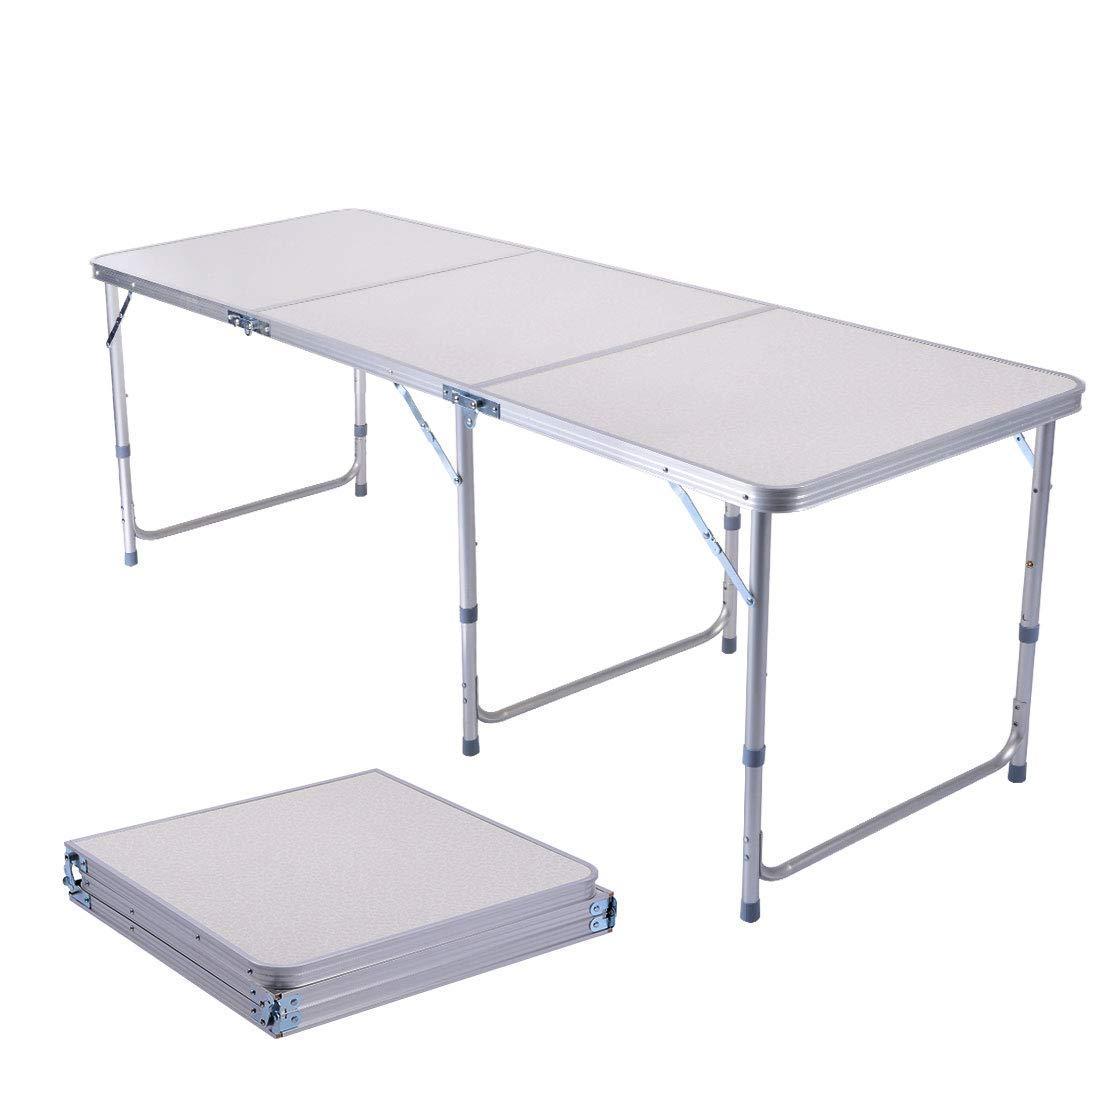 Sunreal 1.2m Tavolo Pieghevole in Alluminio Portatile da Campeggio Tavolo da Picnic / Barbecue / Festa in Giardino / Tour Self-Driving